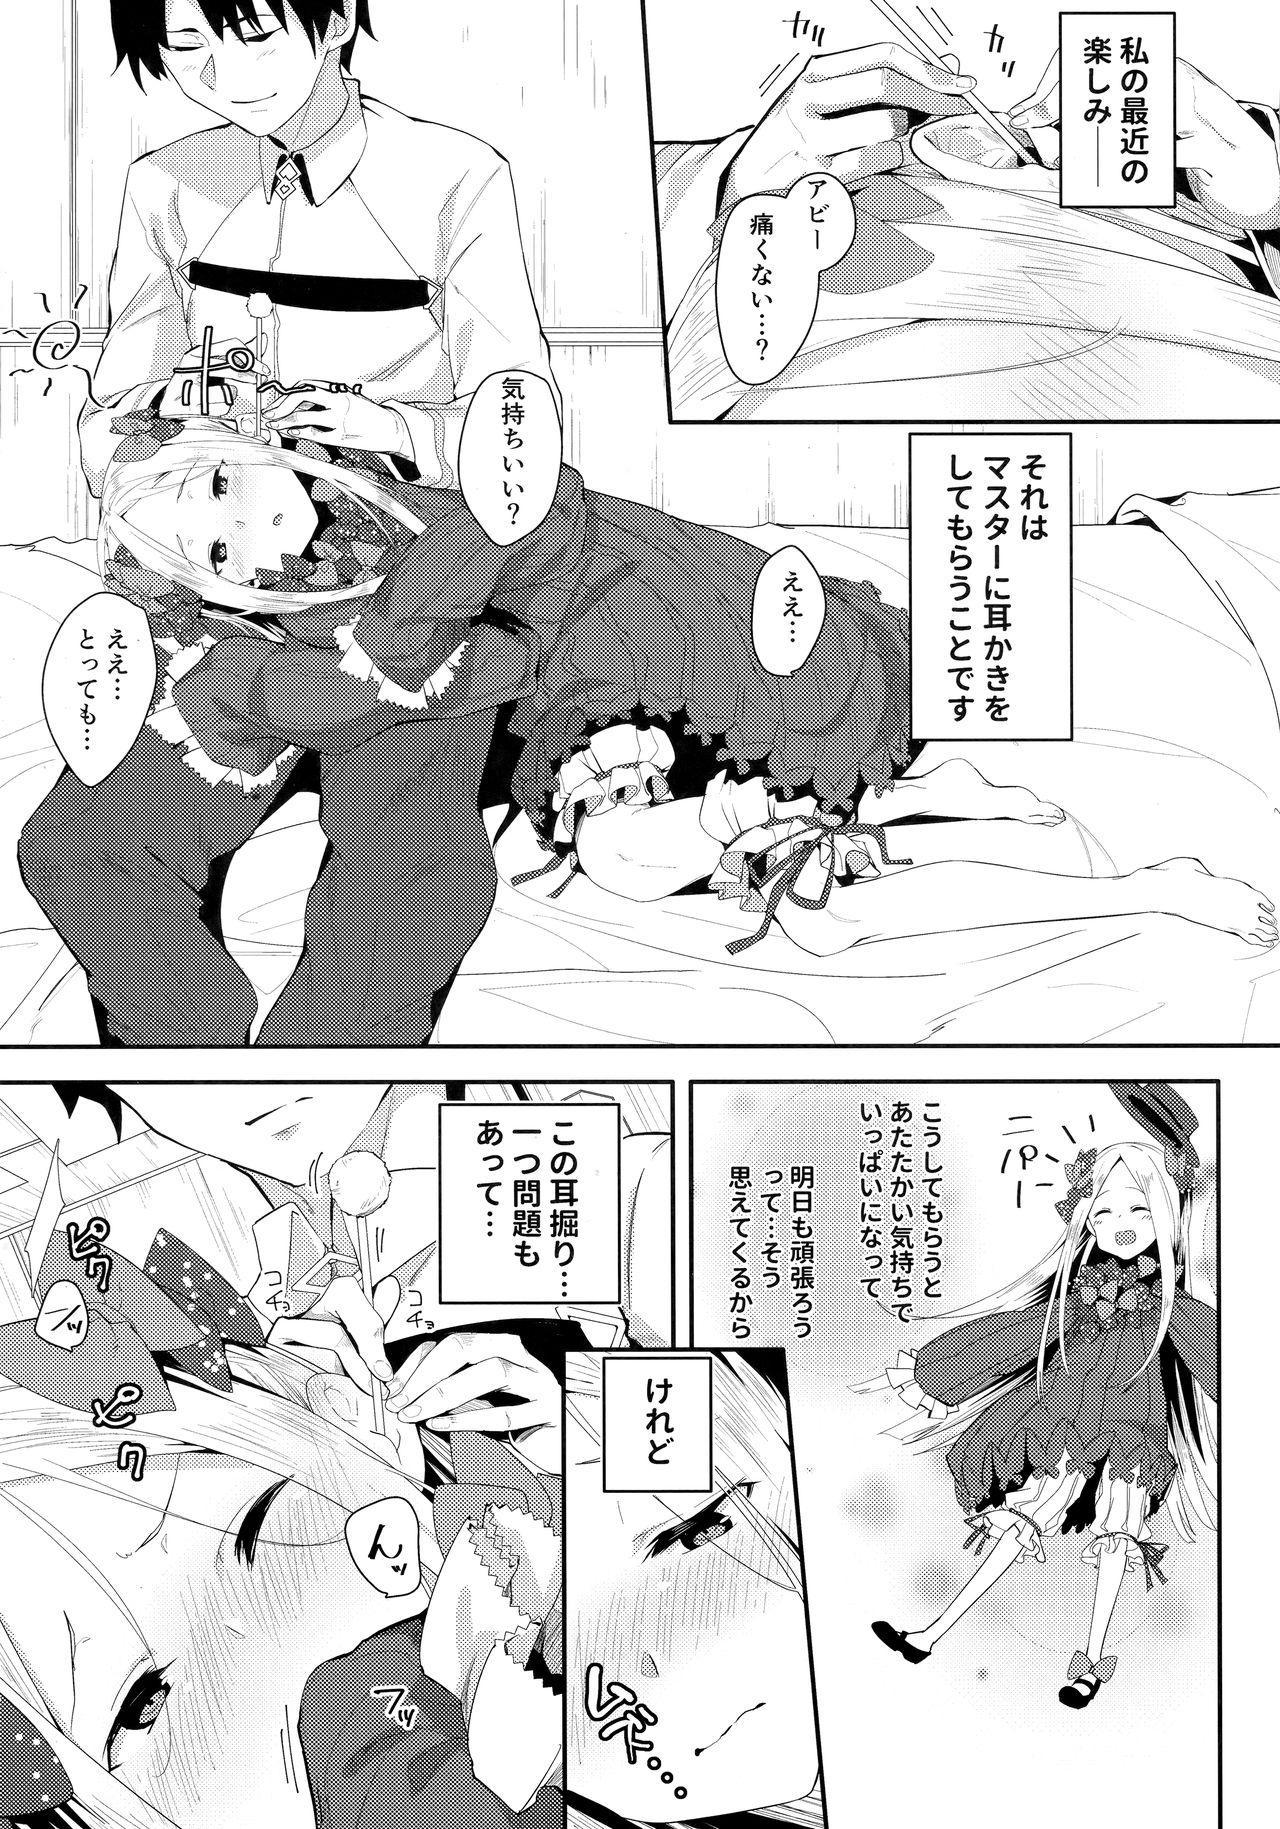 Abby-chan wa Ikenai Ko? 1